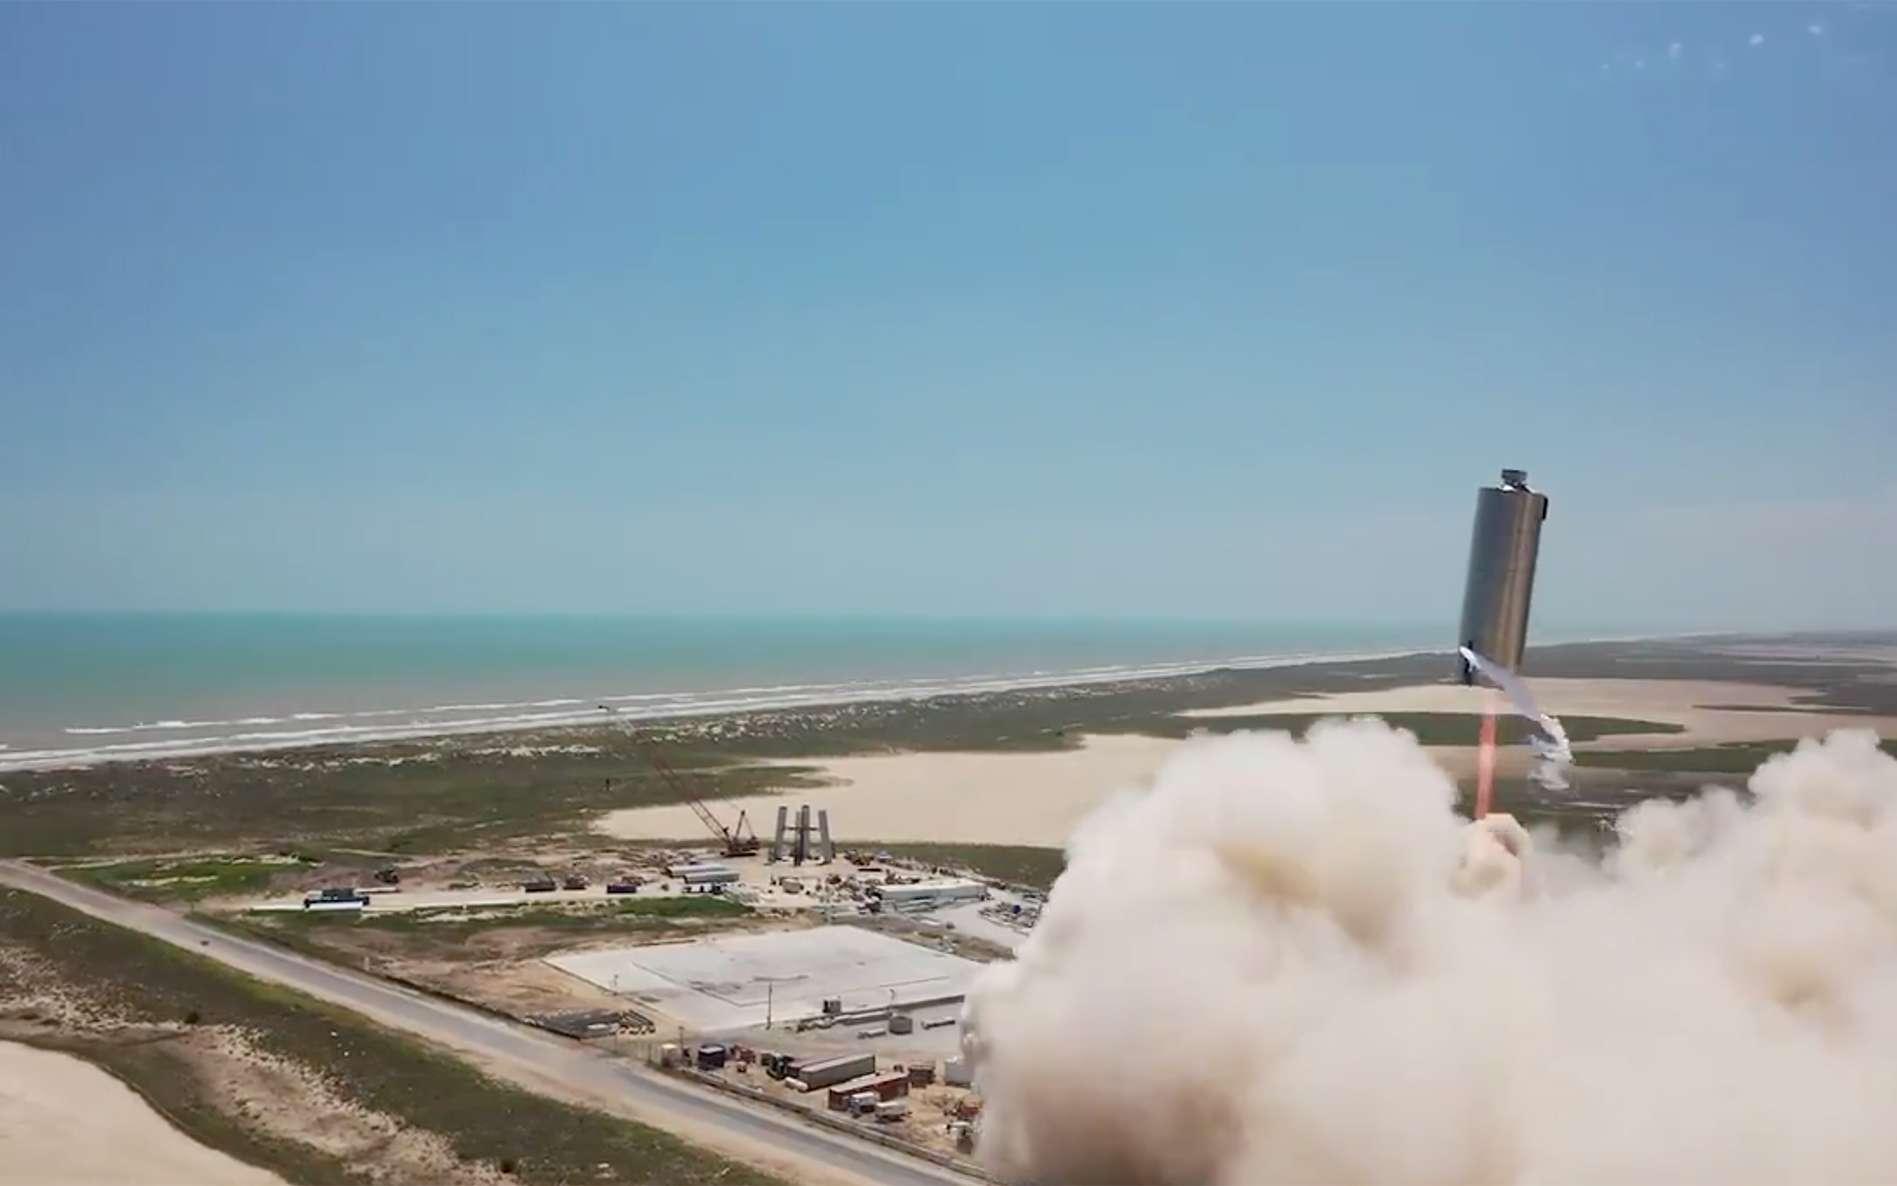 SpaceX : nouveau test à 150 m d'altitude du prototype du Starship. Prochaine étape : 20 km